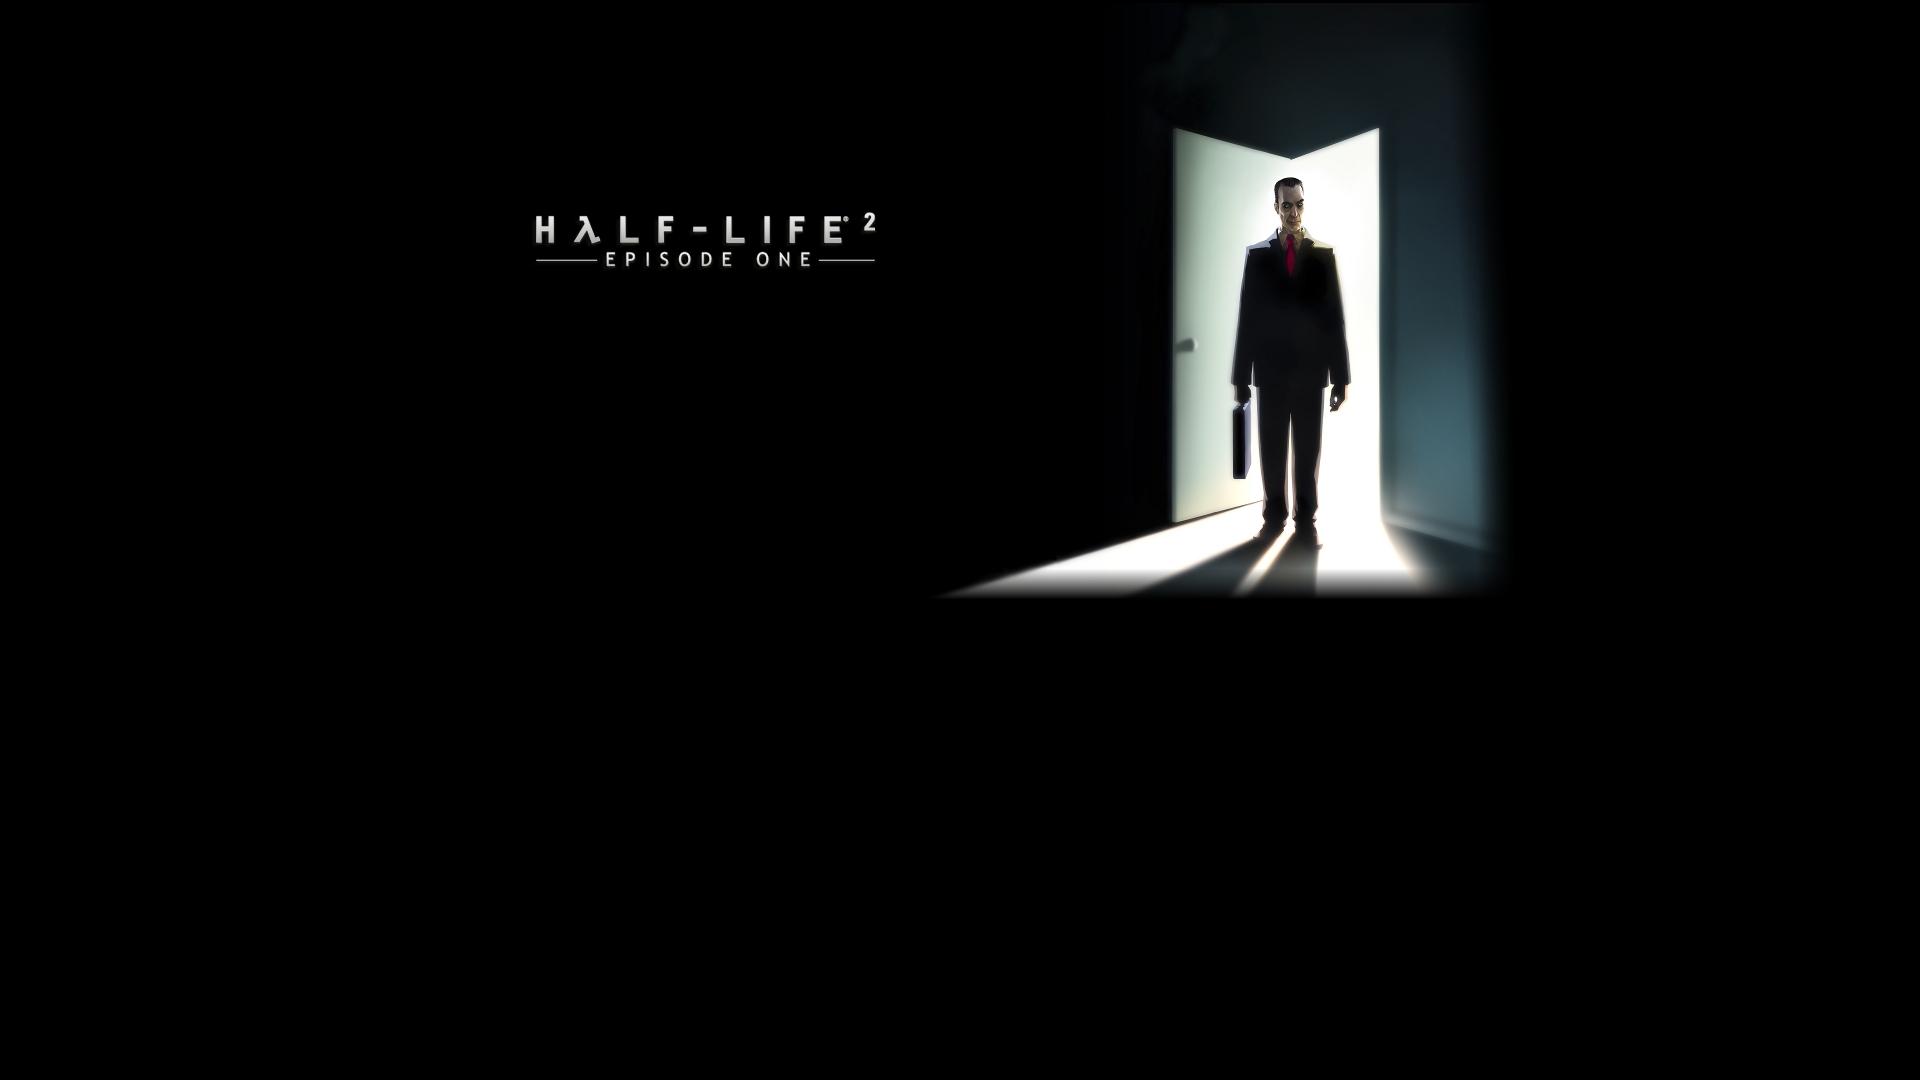 Half Life Wallpaper